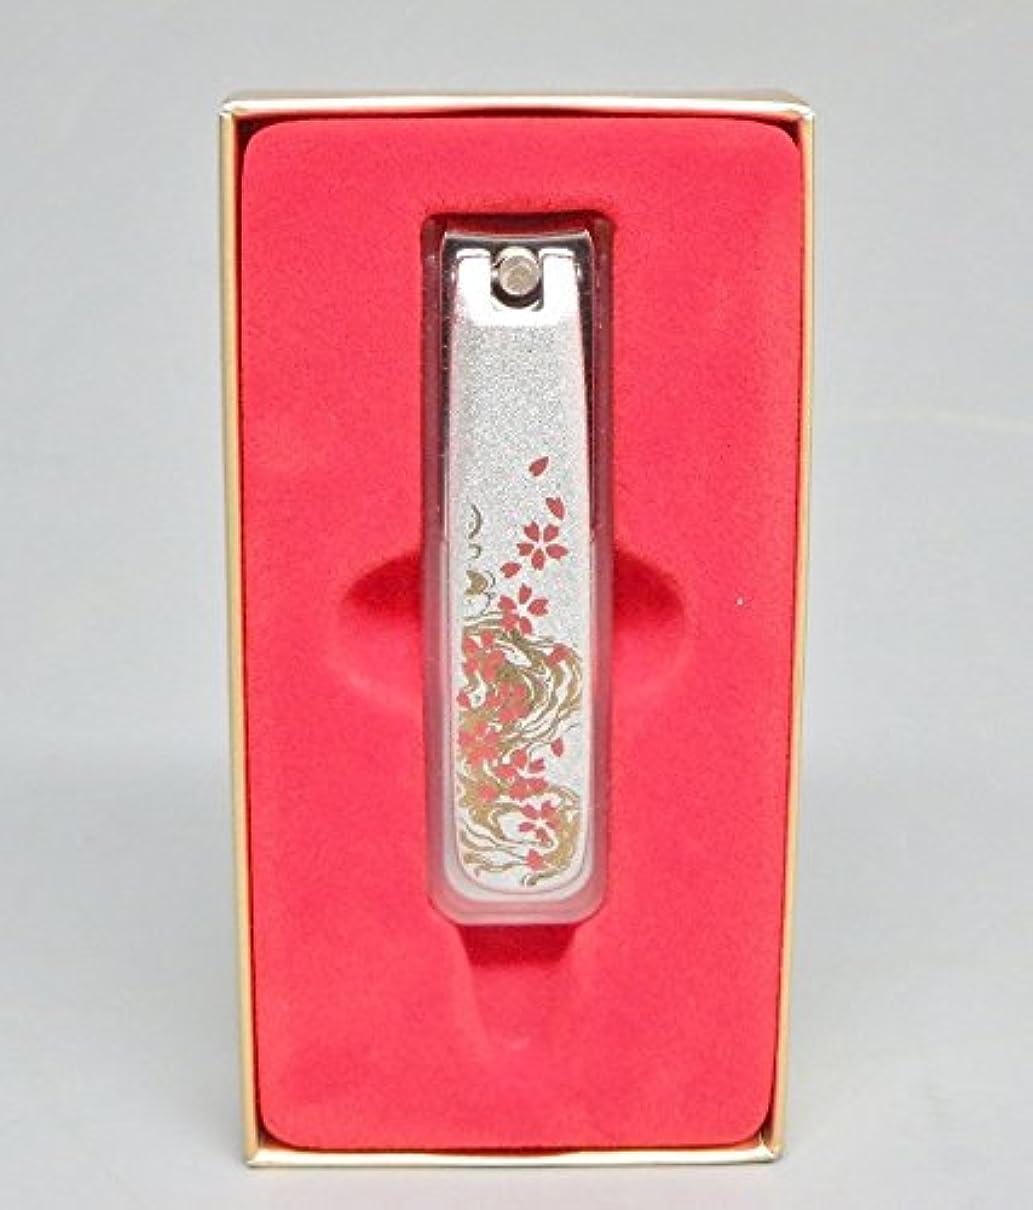 取り替えるのみ鍔高級 加賀蒔絵 爪きり  日本製 岐阜県関産 銀 桜流水